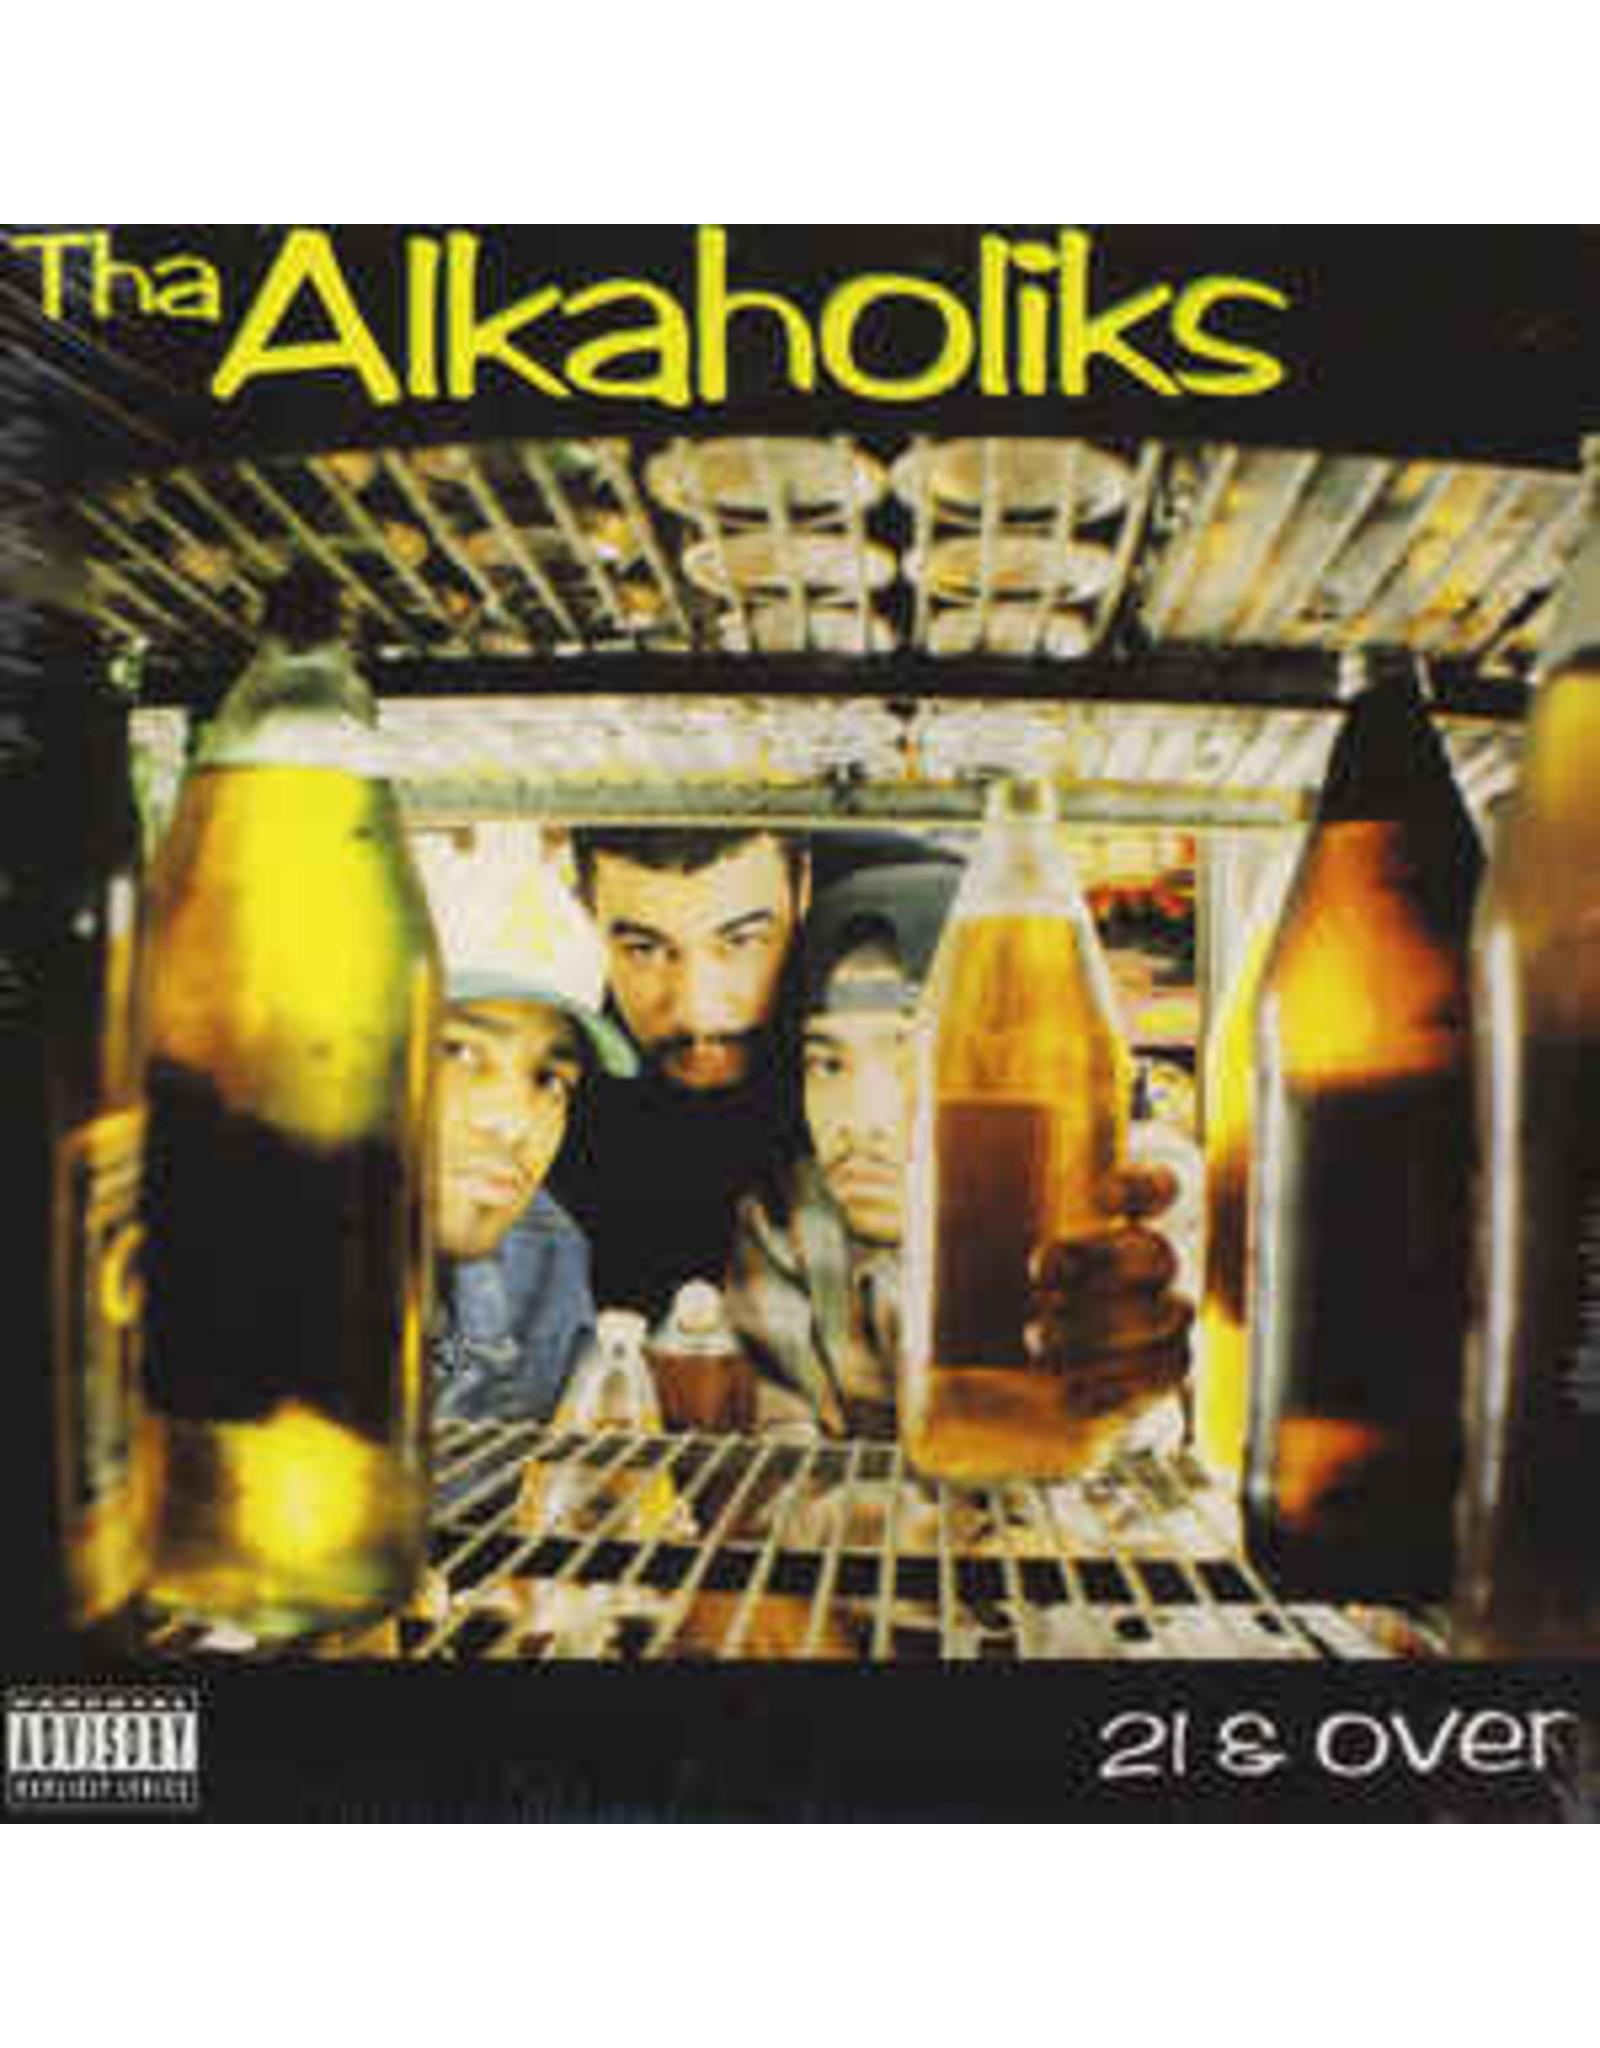 Alkaholiks/21 & over